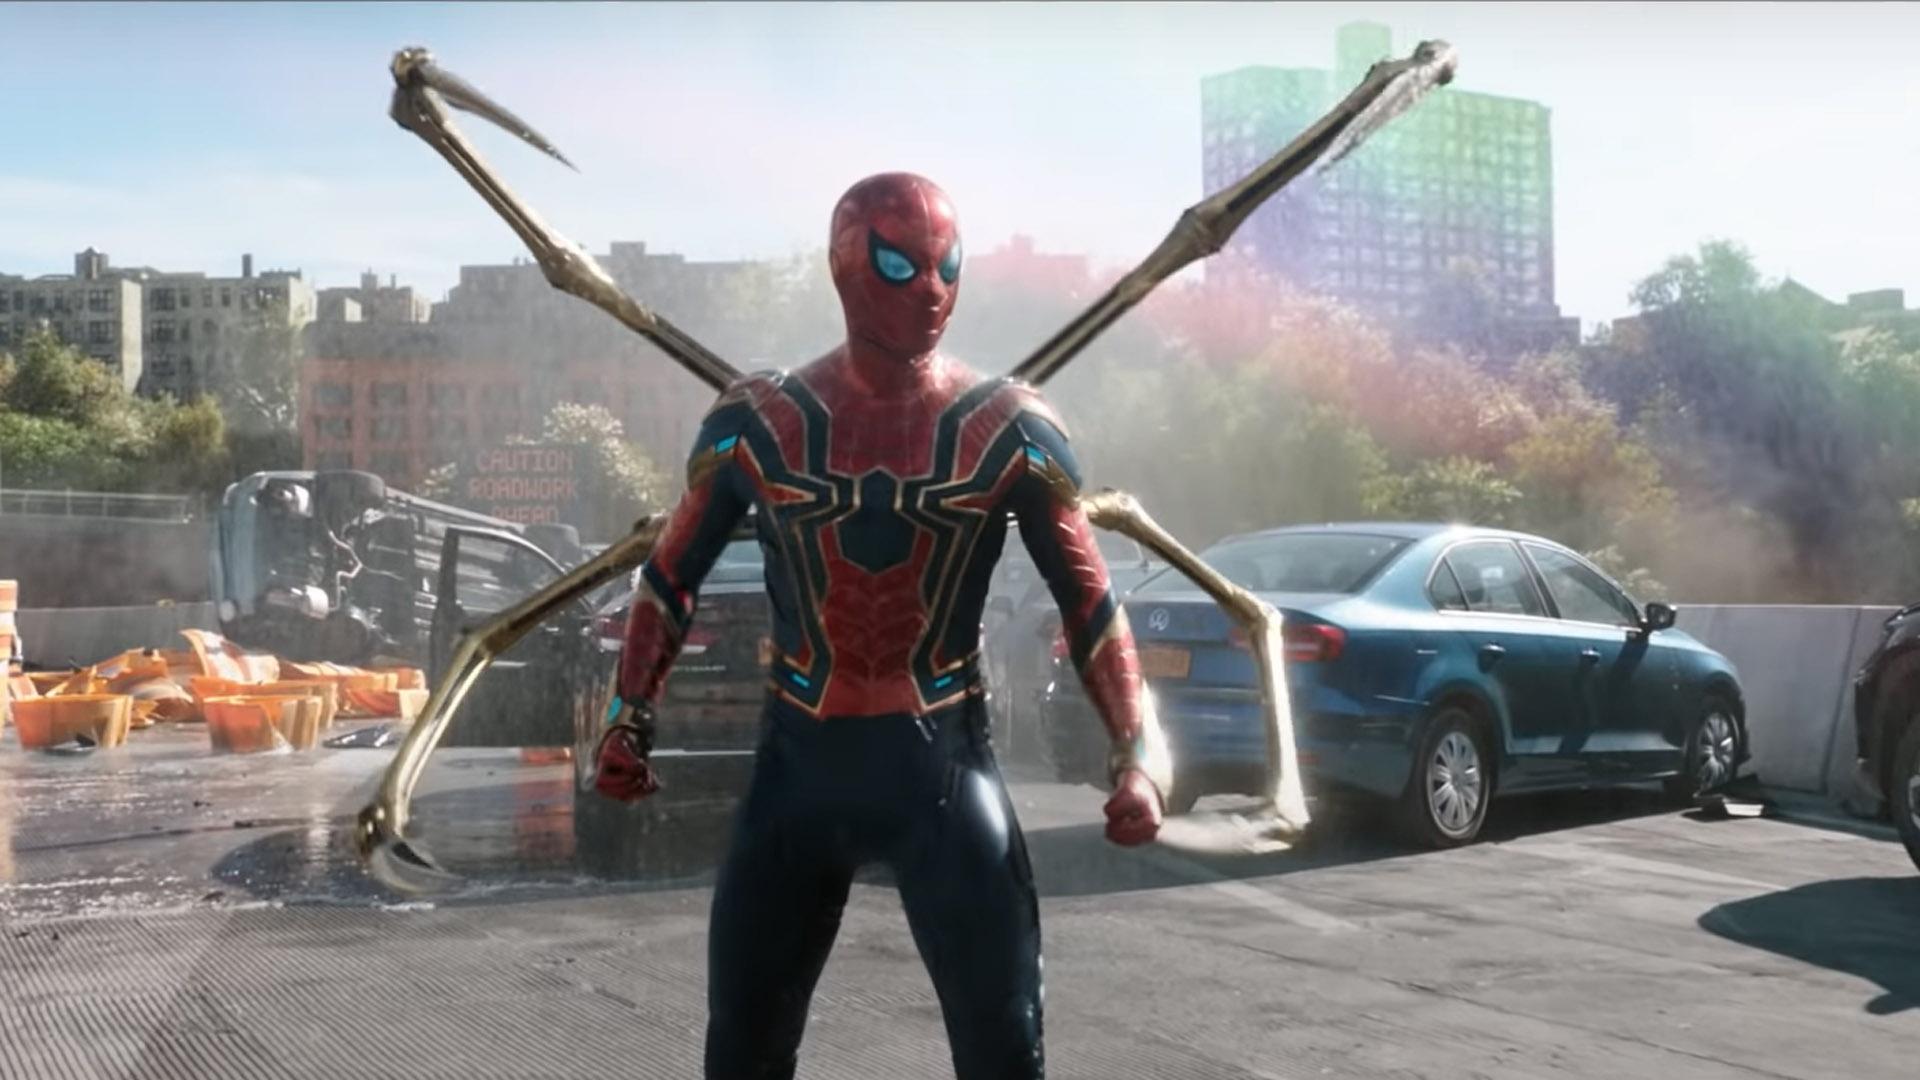 Tráiler de 'Spider-Man: No Way Home' supera récord de 'Avengers: Endgame'